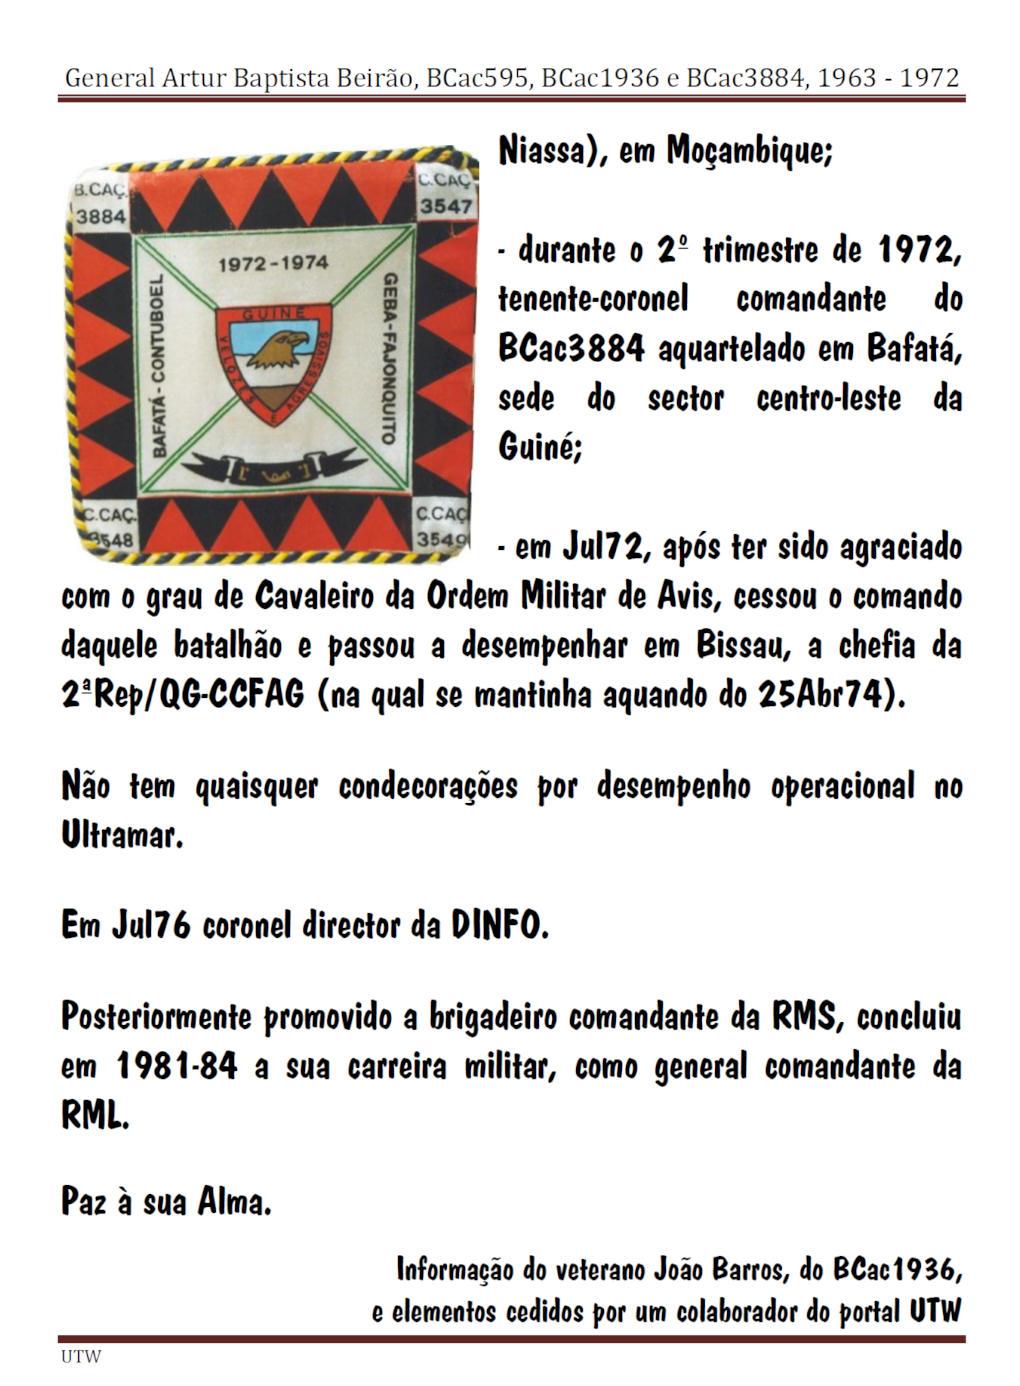 Faleceu o General Artur Baptista Beirão - BCac595, BCac1936, BCac3884 e 2ªRep/QG/CTIG - 20Mar2014 Artur_11